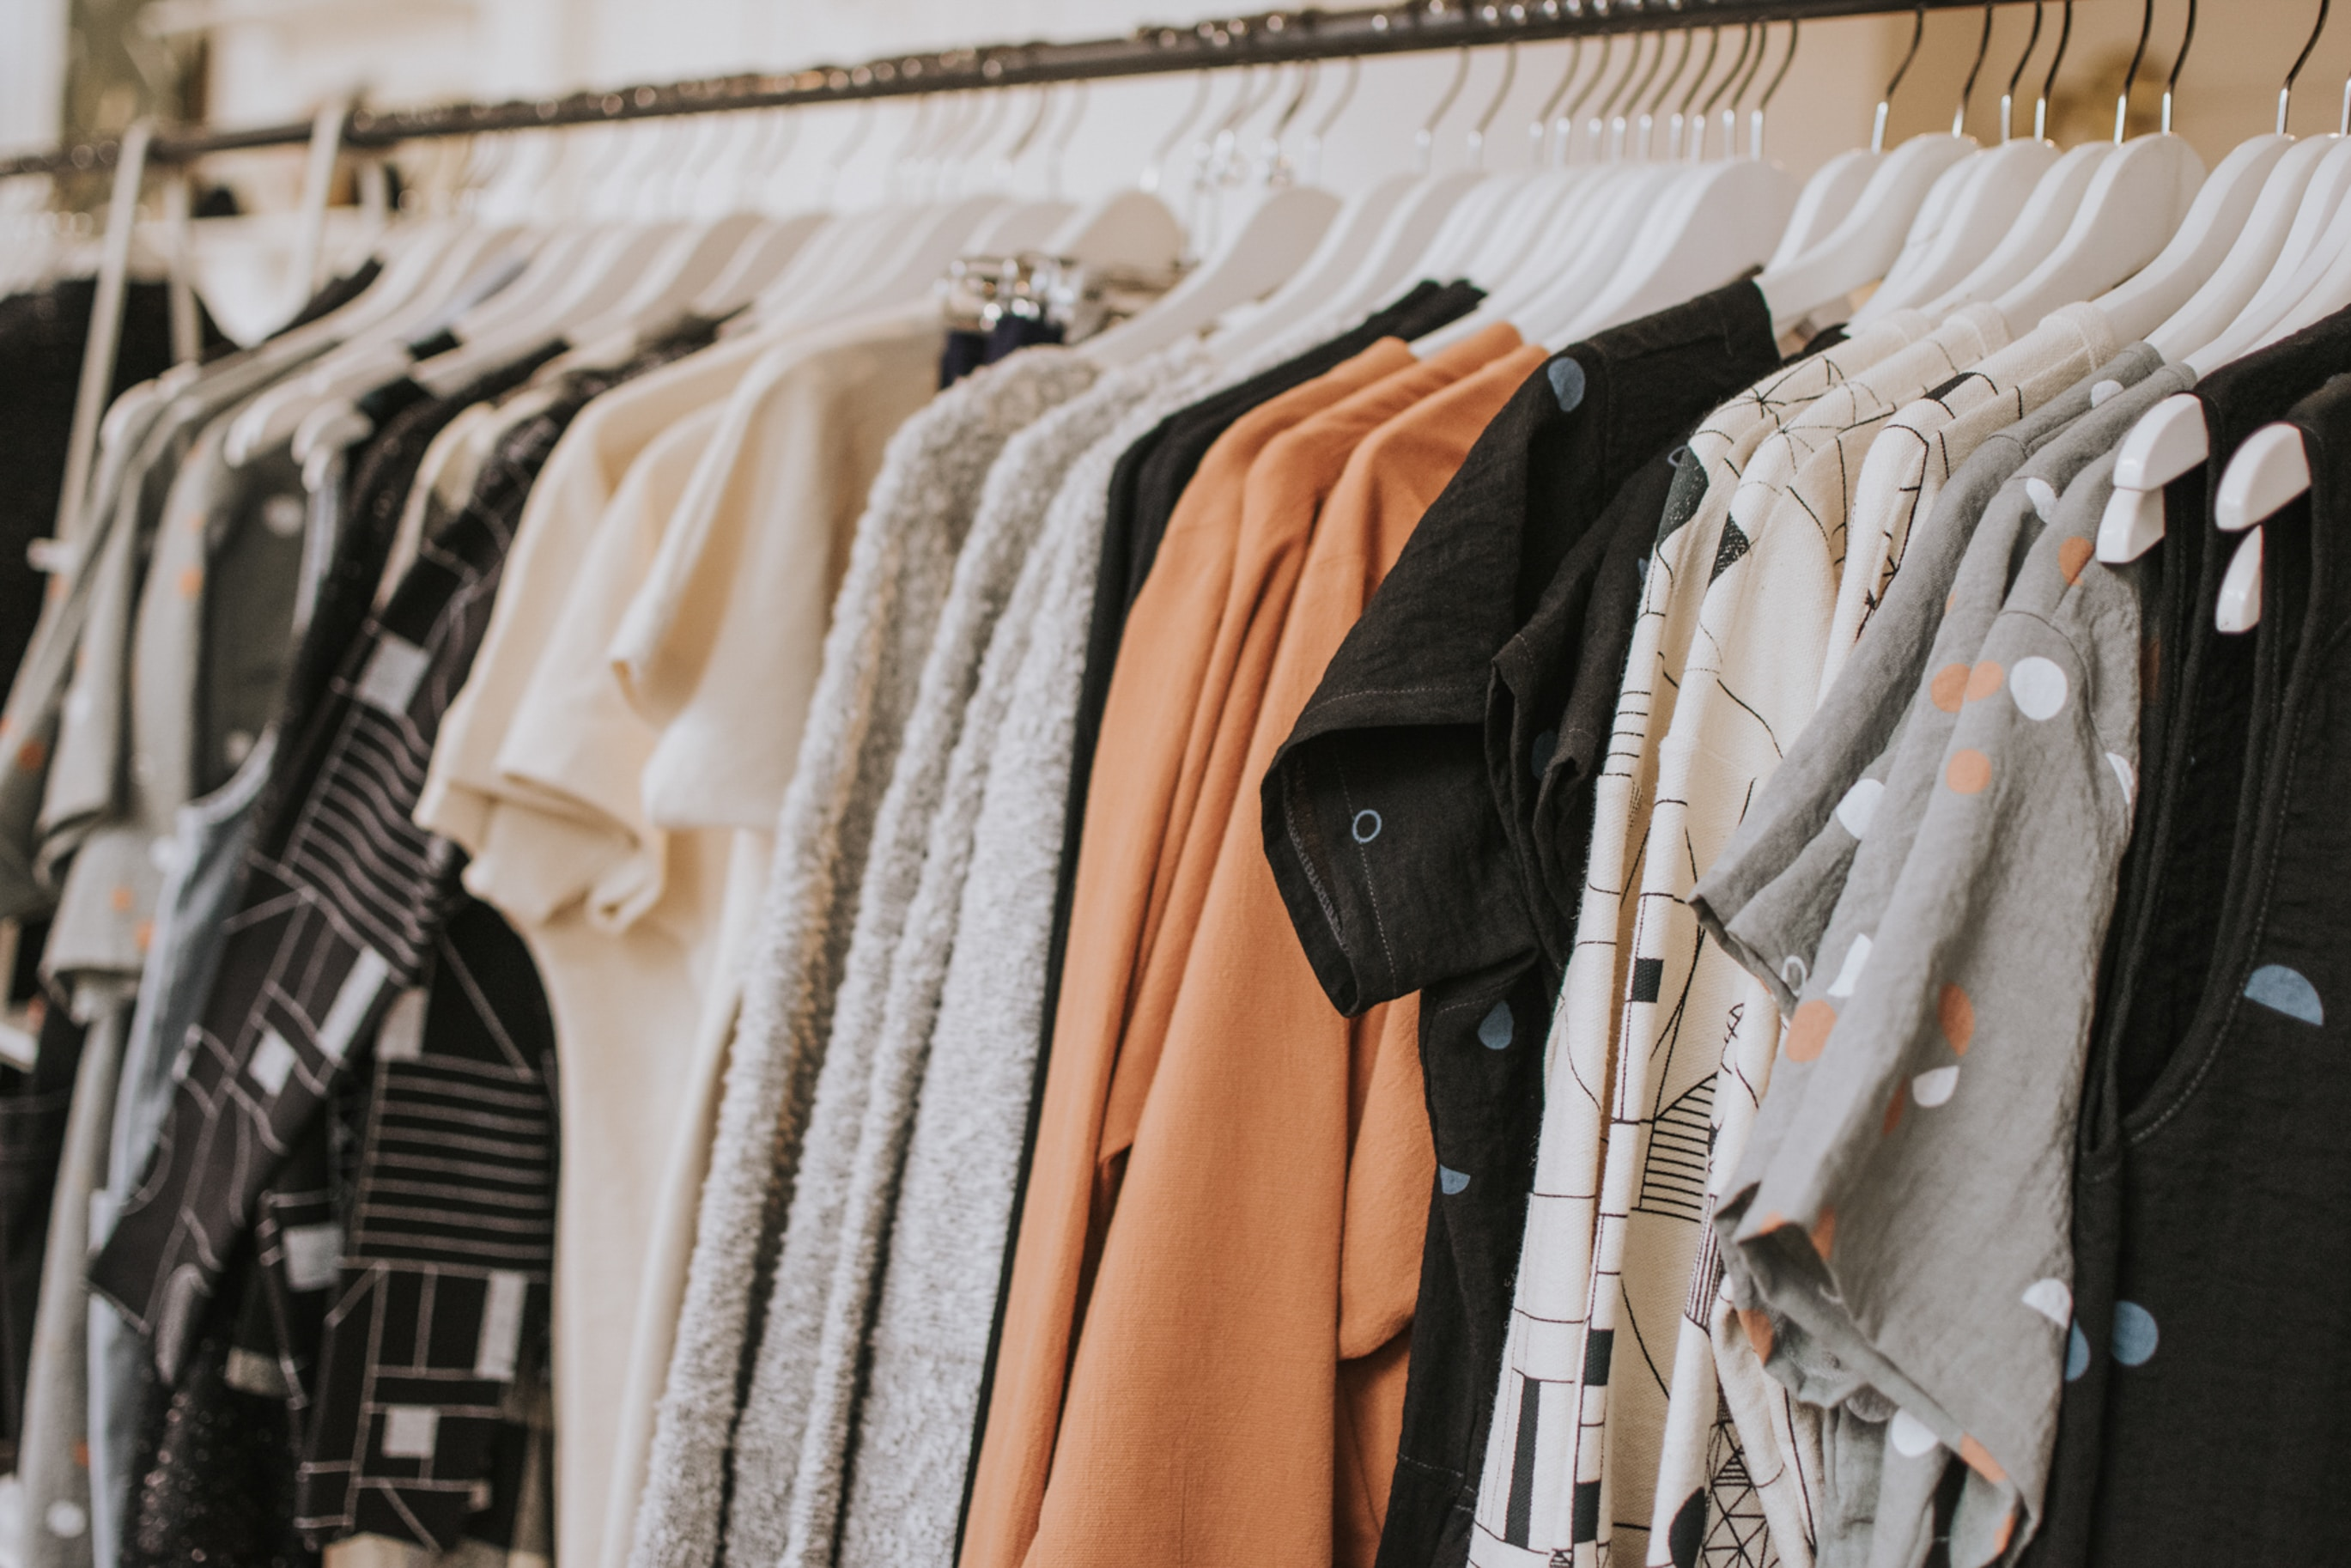 Gebrauchte Kleidung in neues Geld verwandeln